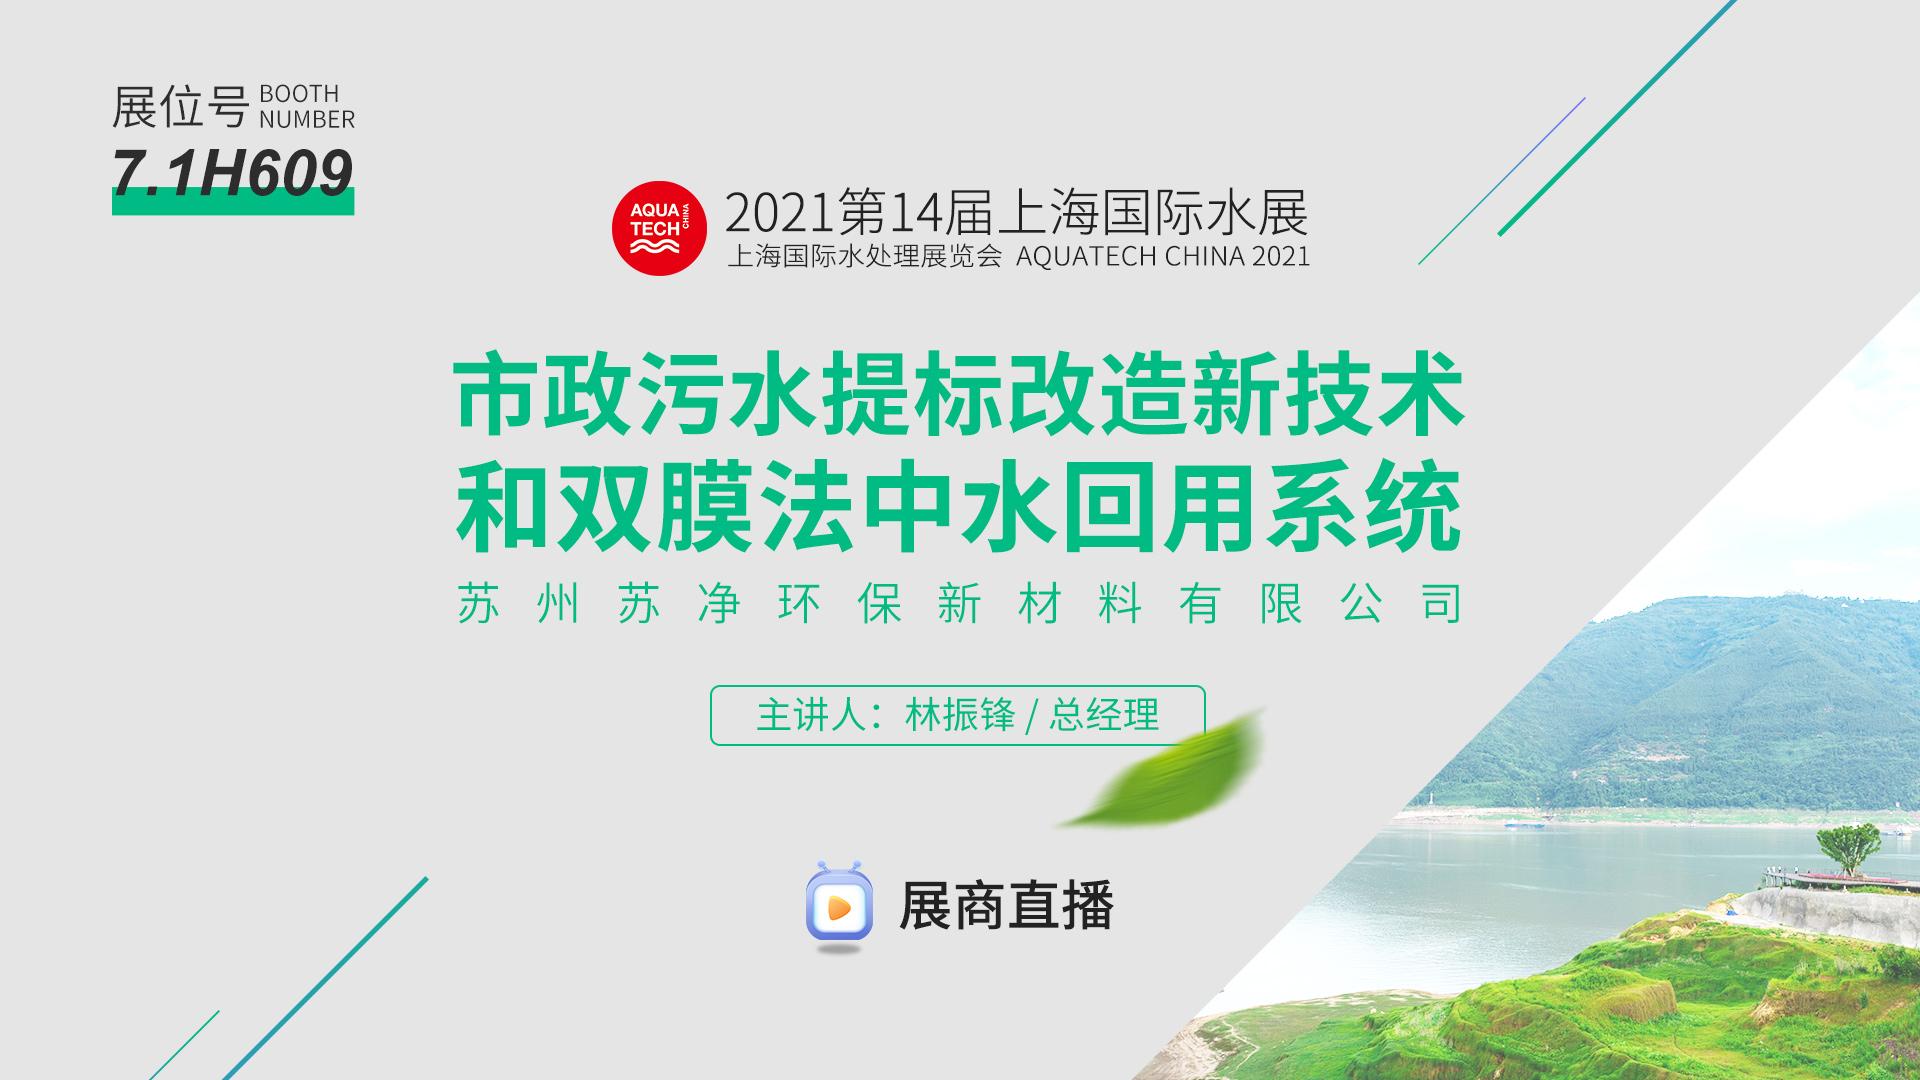 苏净环保与您相约2021世环会 展位:7.1H609